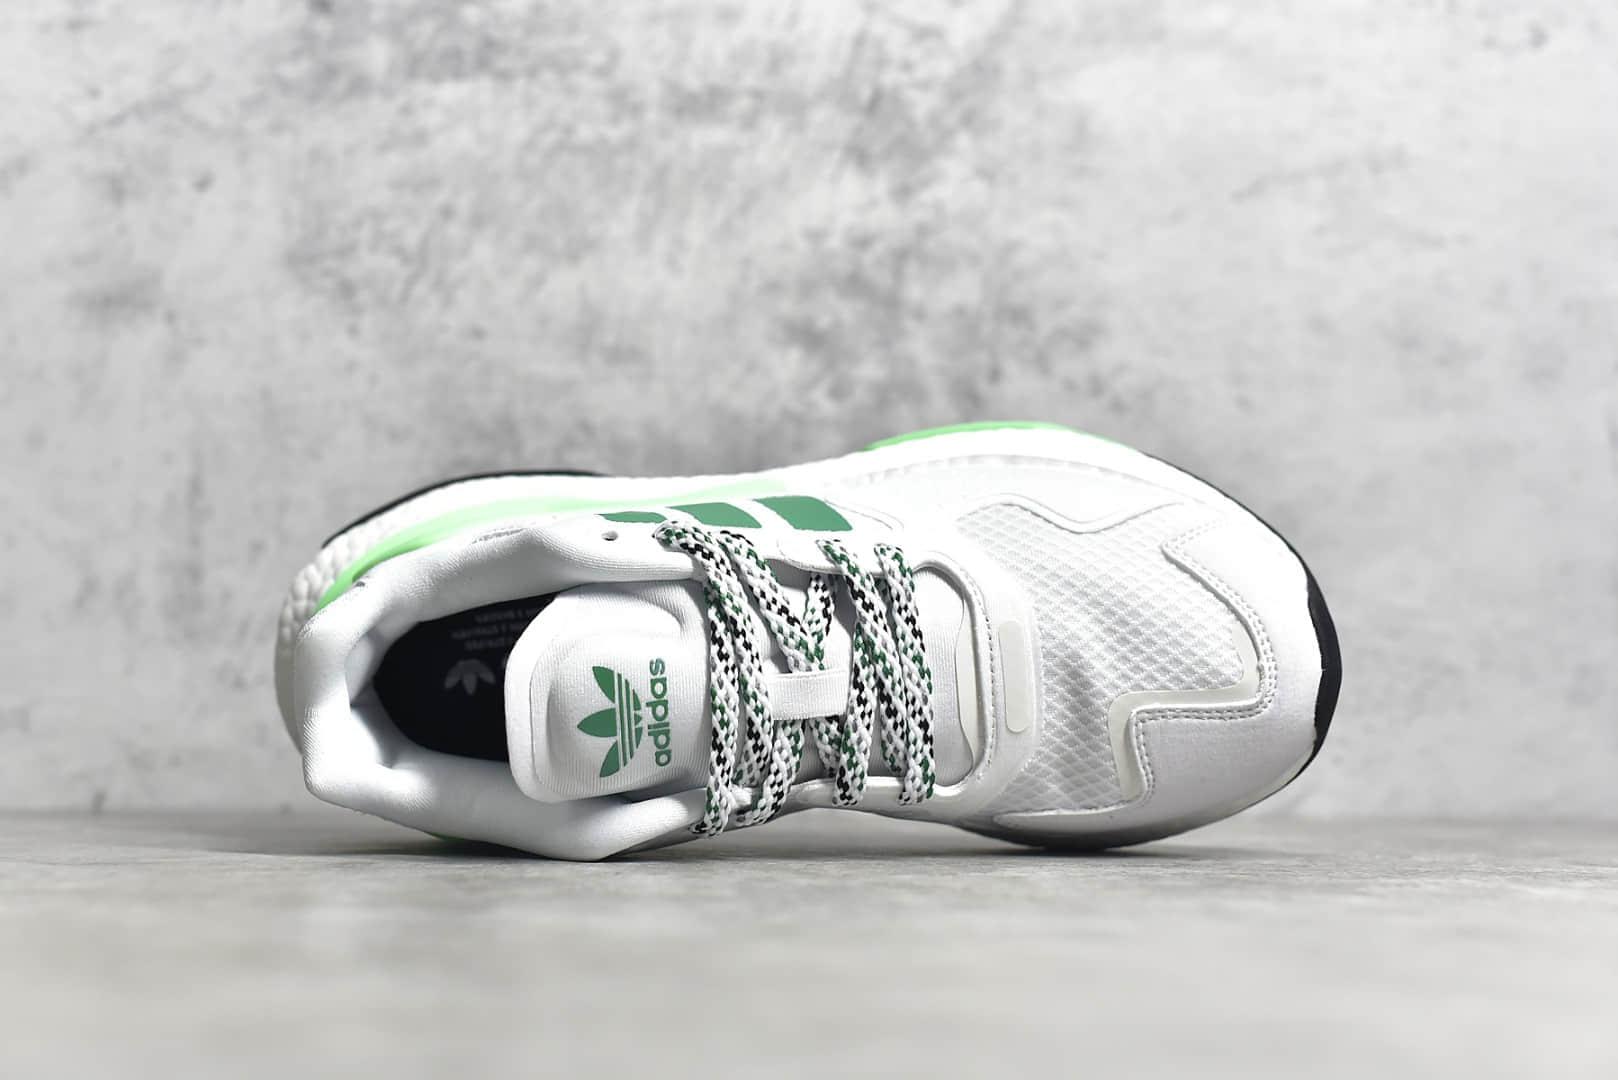 阿迪达斯夜行者二代白绿色跑鞋 adidas Day Jogger 莆田原厂原盒原标阿迪达斯工厂 货号:FW4848-潮流者之家